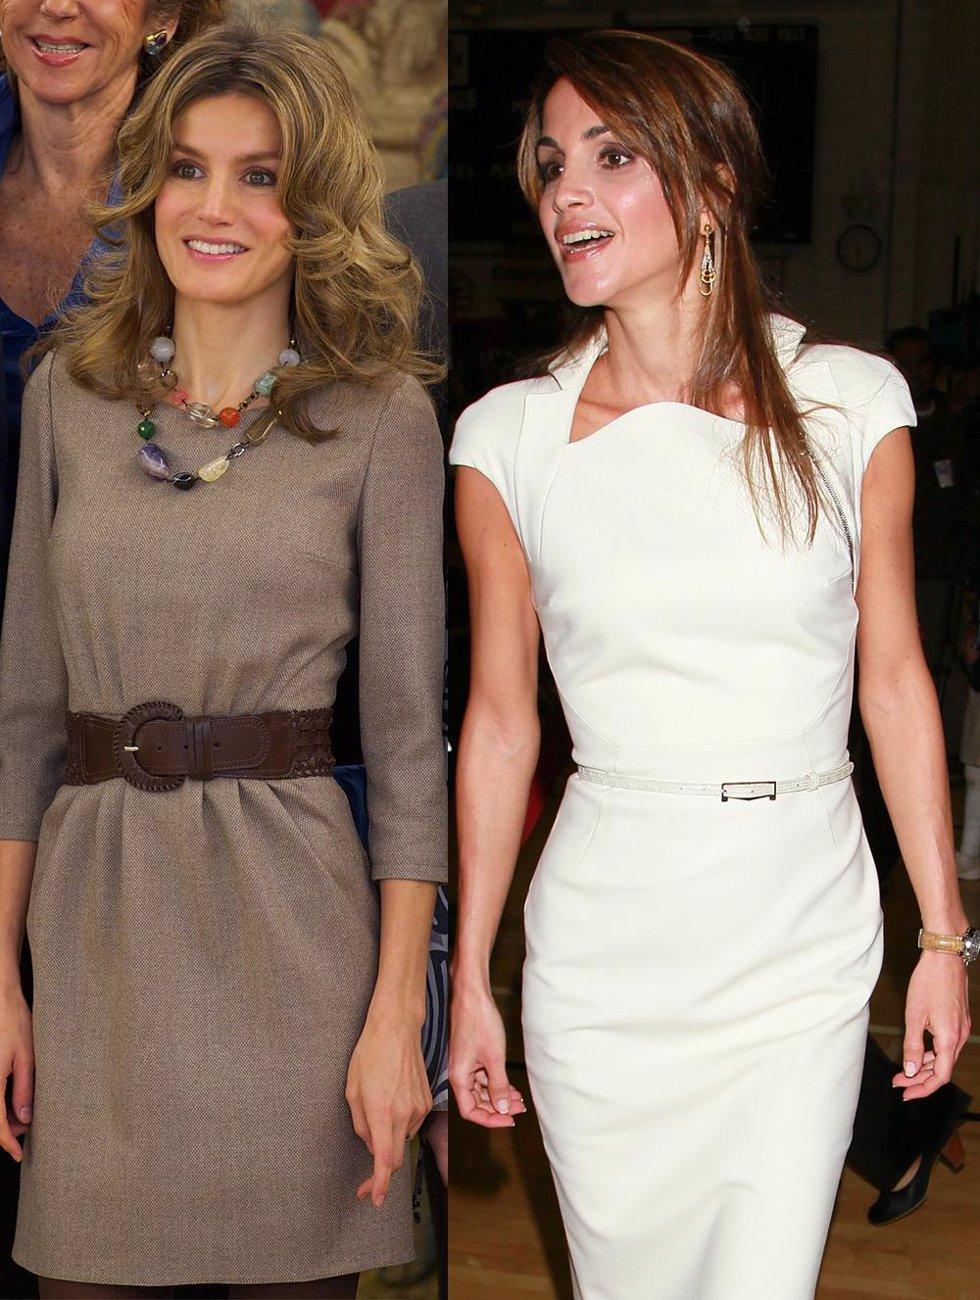 Montaje de Letizia Ortiz y Rania de Jordania